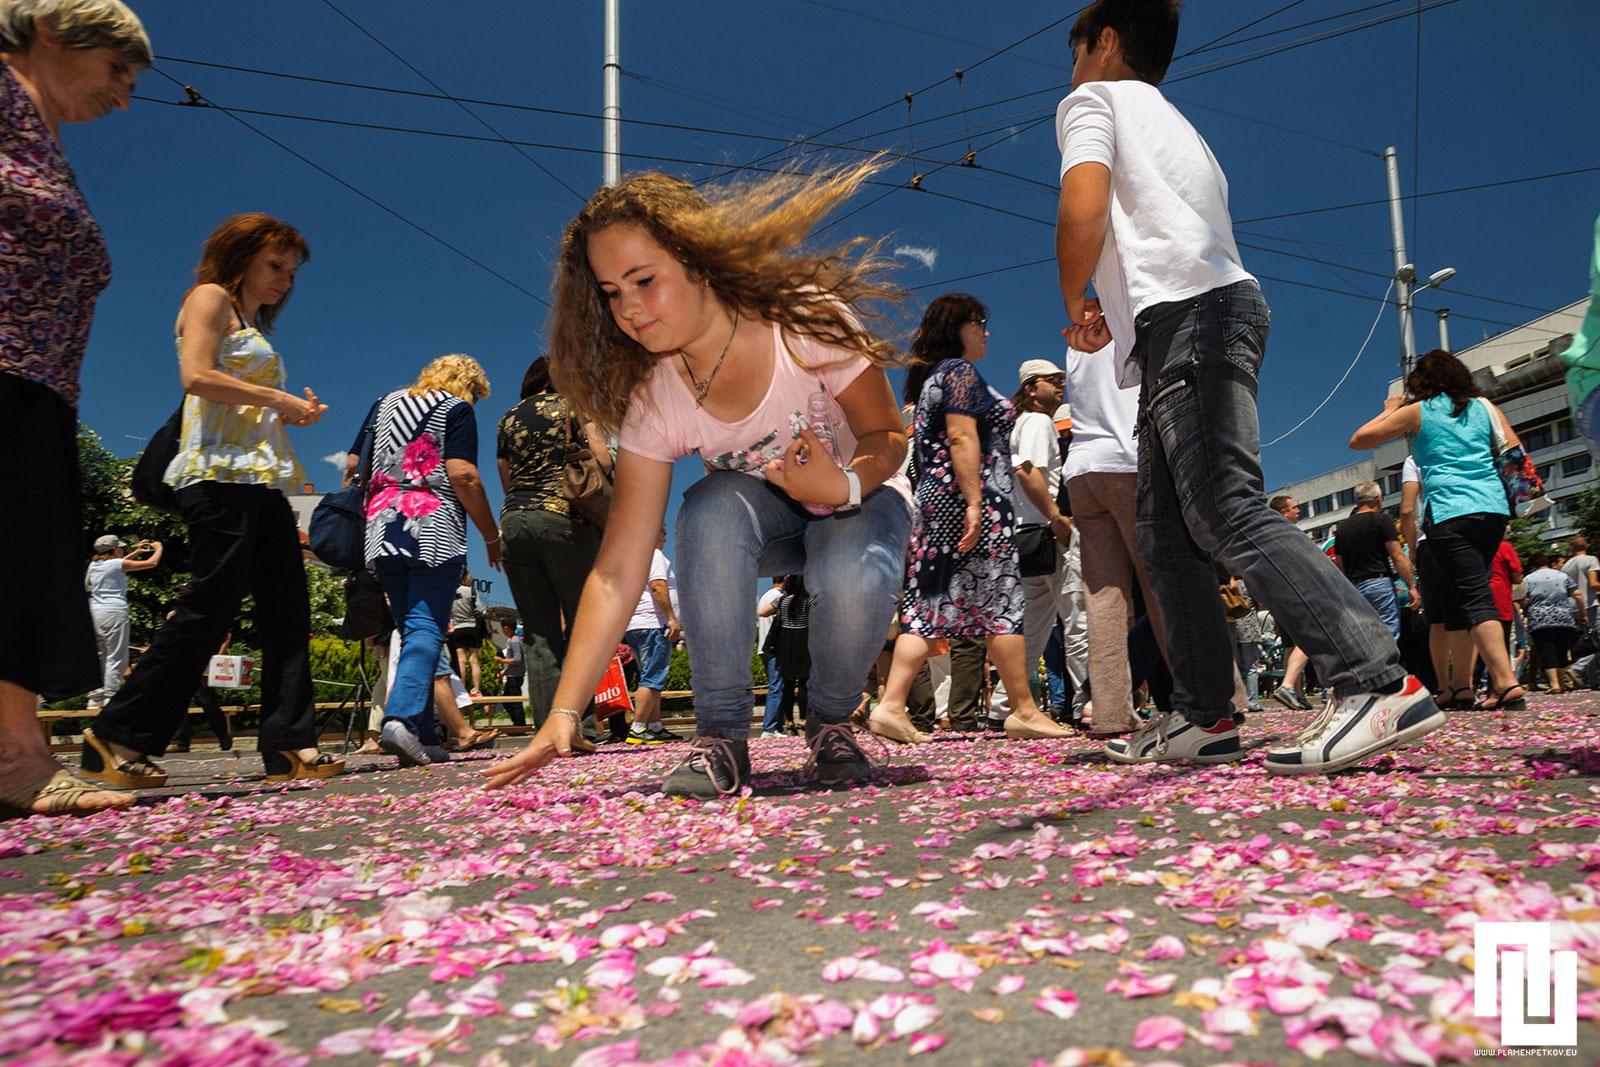 Пътека от розови листа и дете събиращо рози